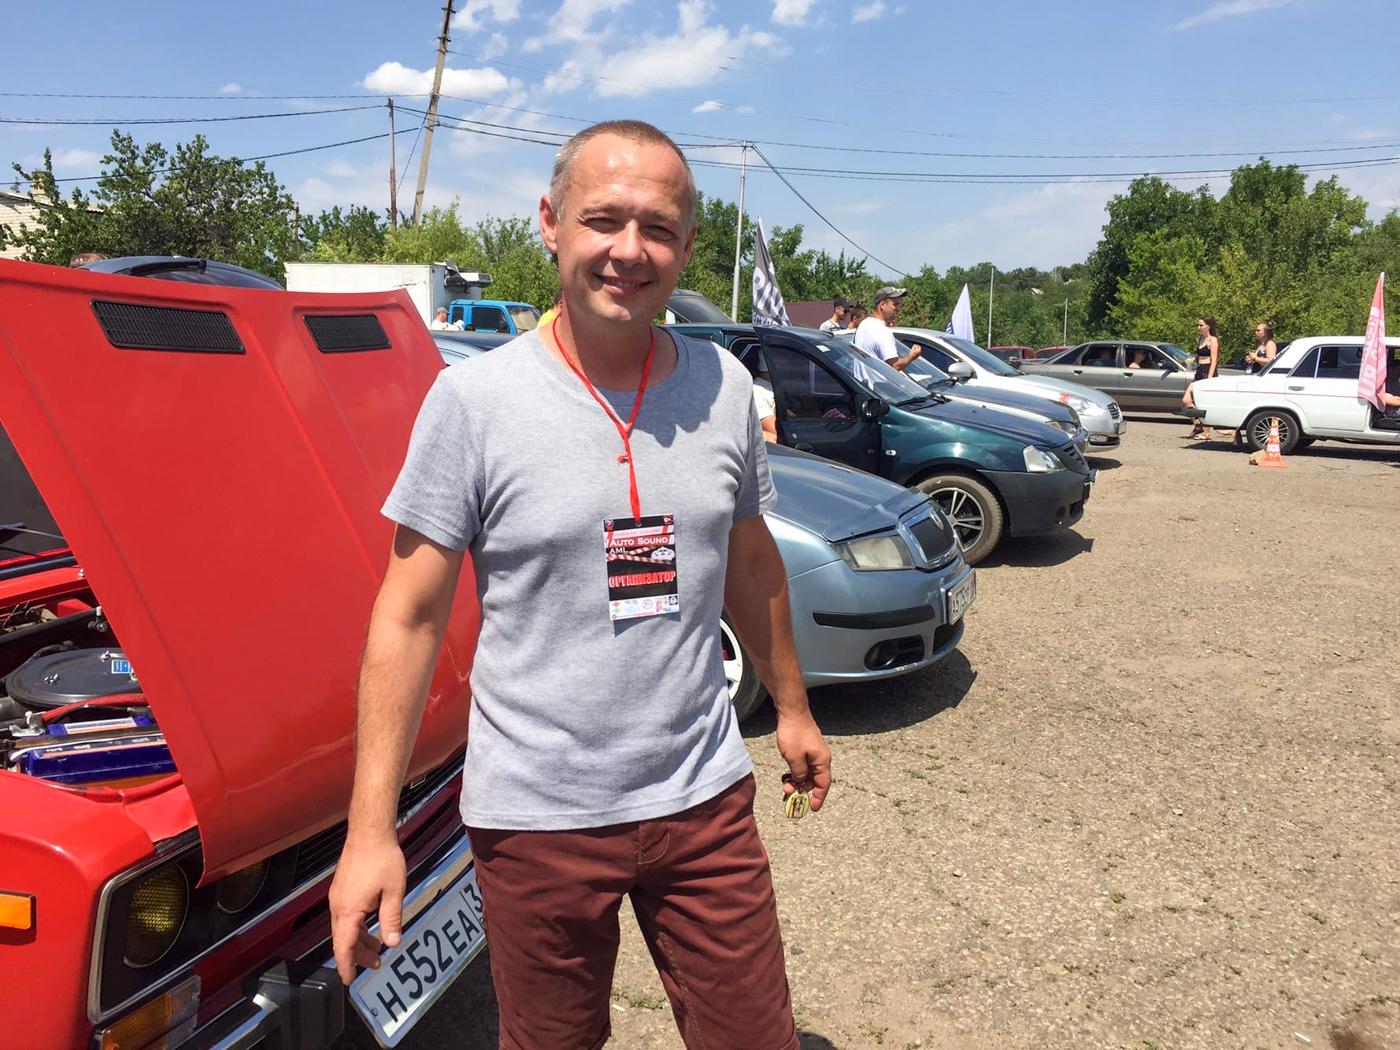 Жители ЛНР приняли участие в чемпионате по автозвуку в Лутугино 2